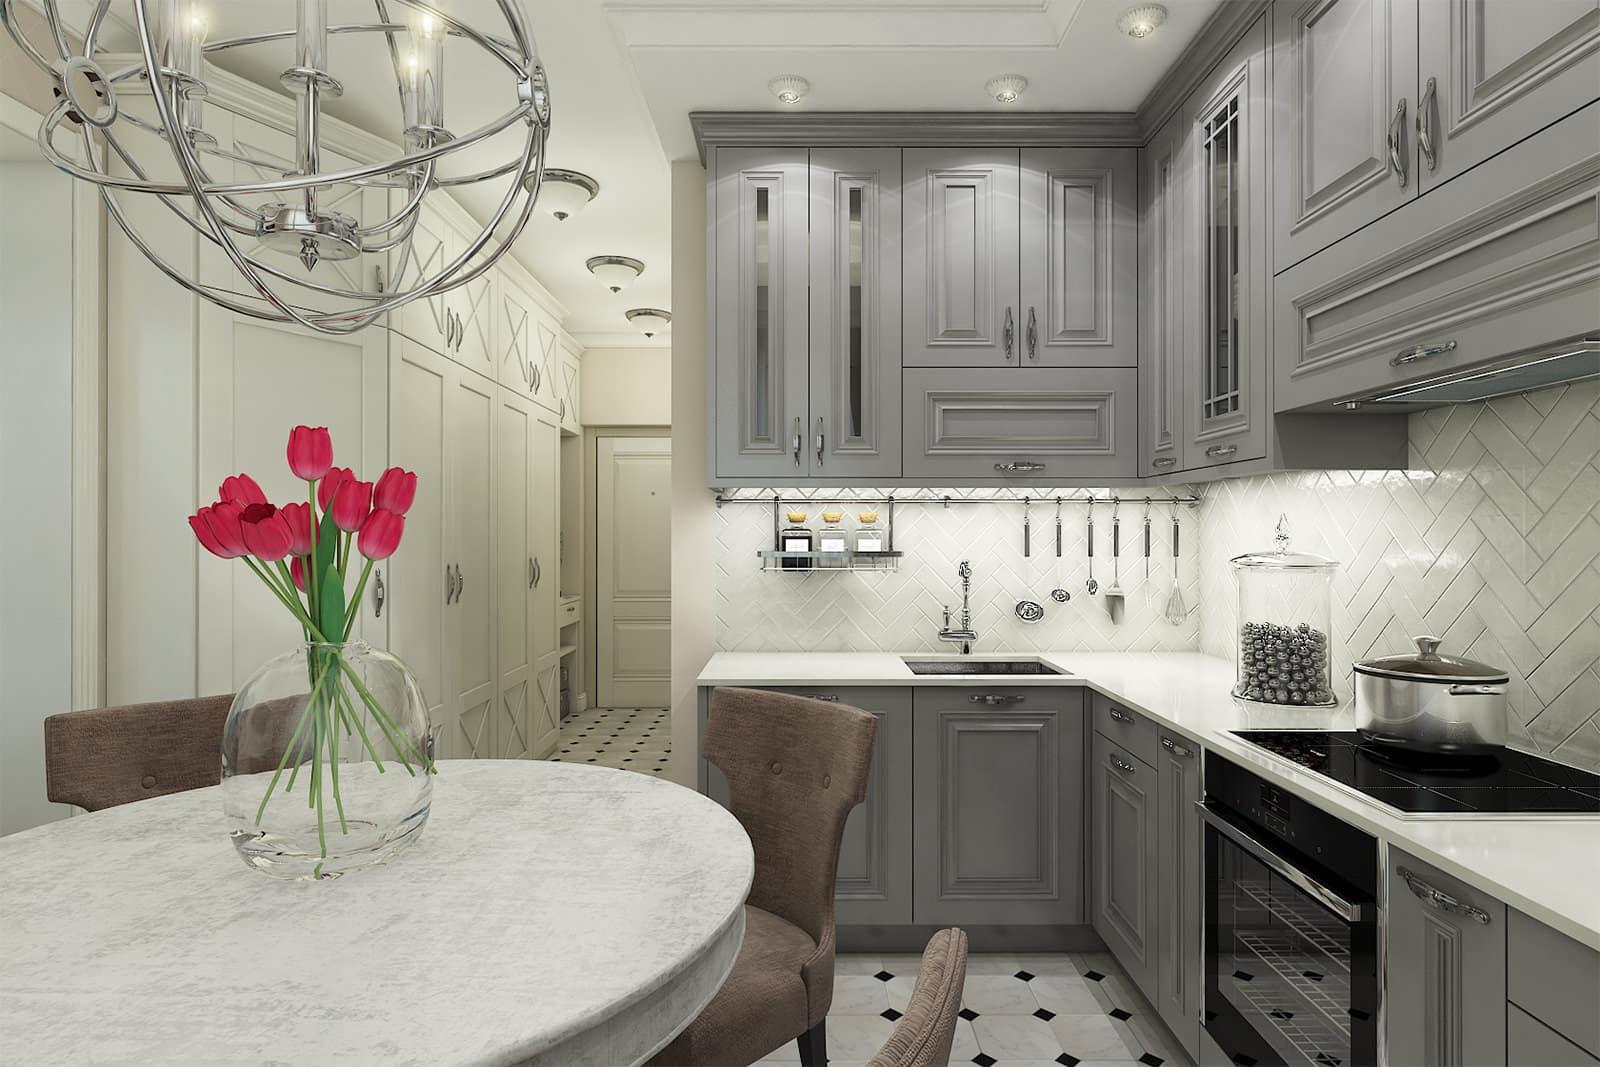 Un luxueux lustre design est l'attribut principal de l'intérieur d'une cuisine classique.